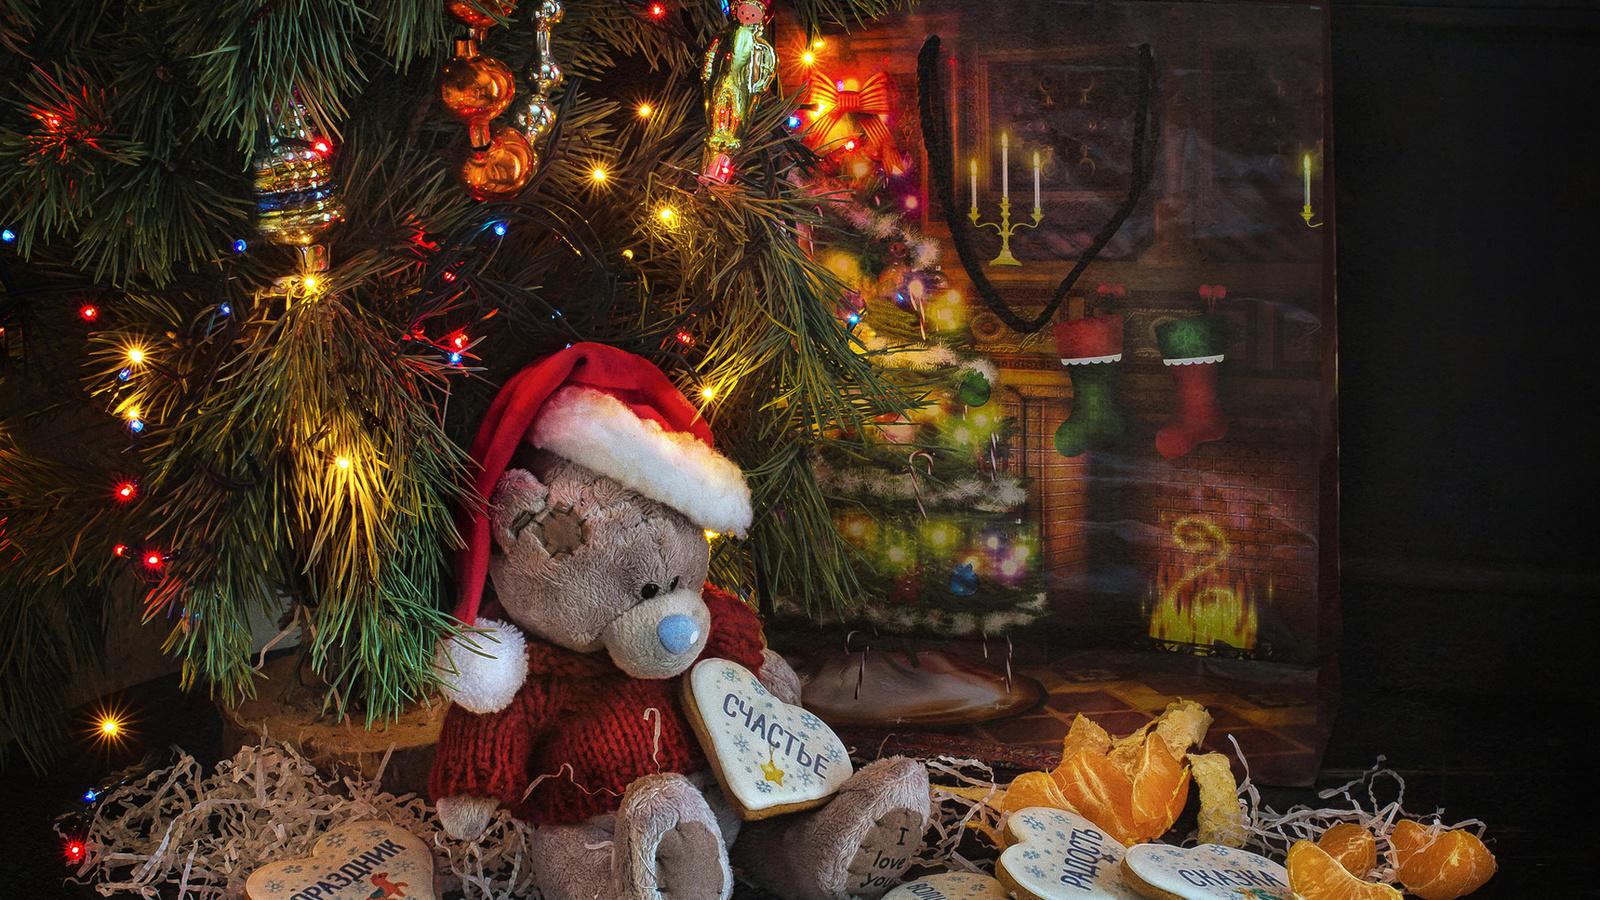 праздник, новый год, рождество, ёлка, украшения, игрушки, огни, игрушка, мишка, мандарины, пряники